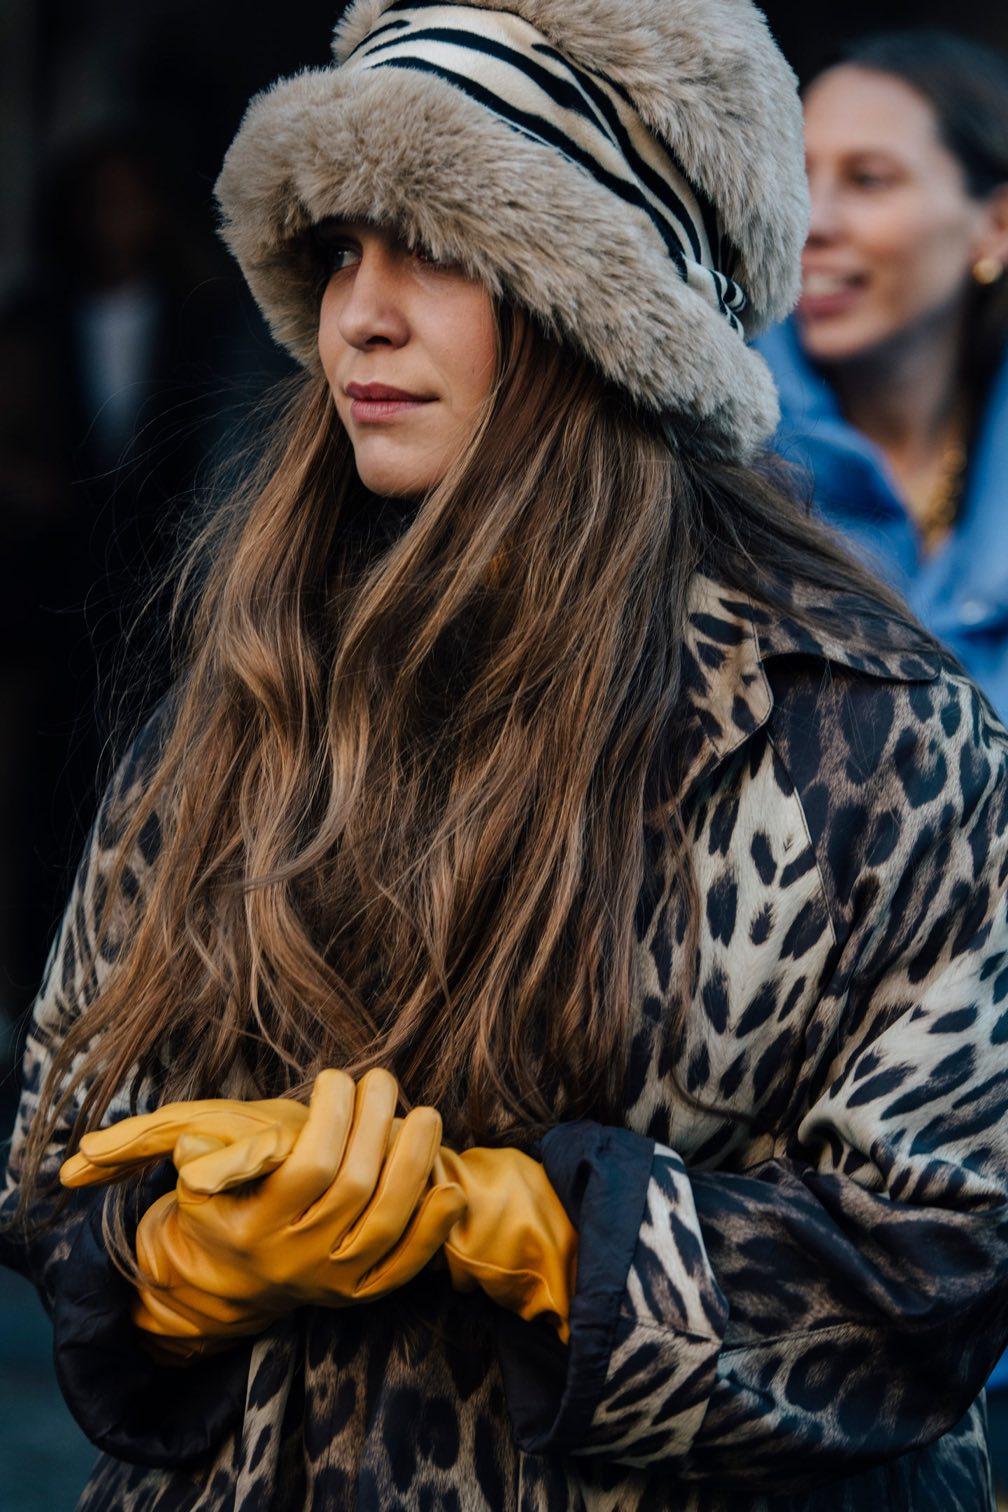 winter-proof-style-pos-na-ntytheite-kompsa-otan-echei-kryo1